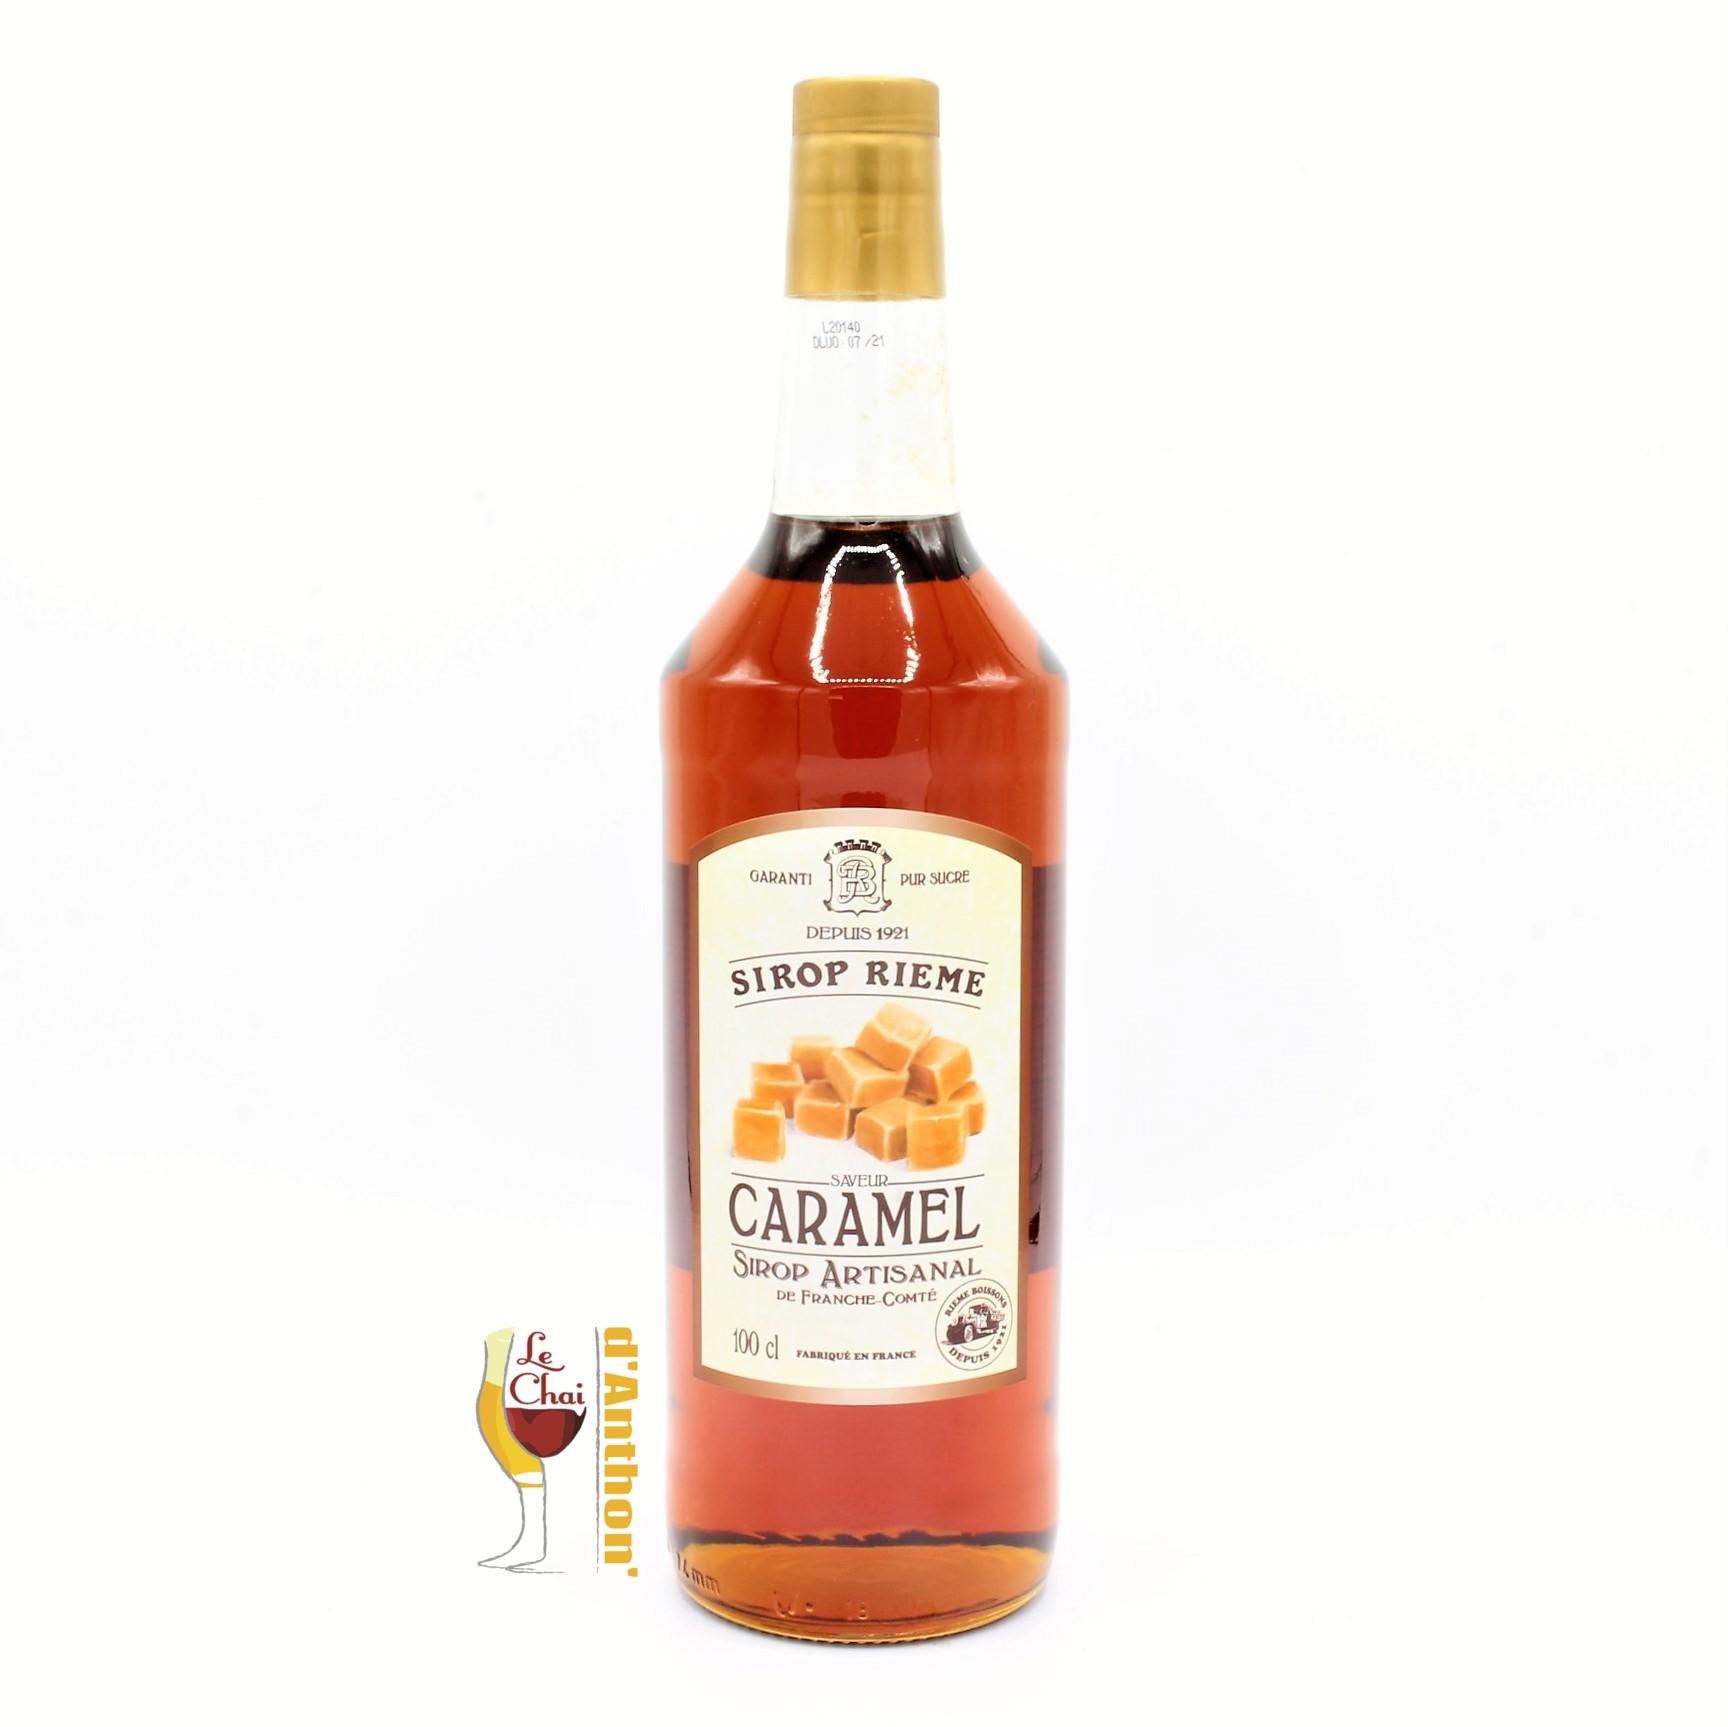 Le Chai D&885.JPG039;Anthon Sirop 1l Rieme Pur Sucre Caramel 885